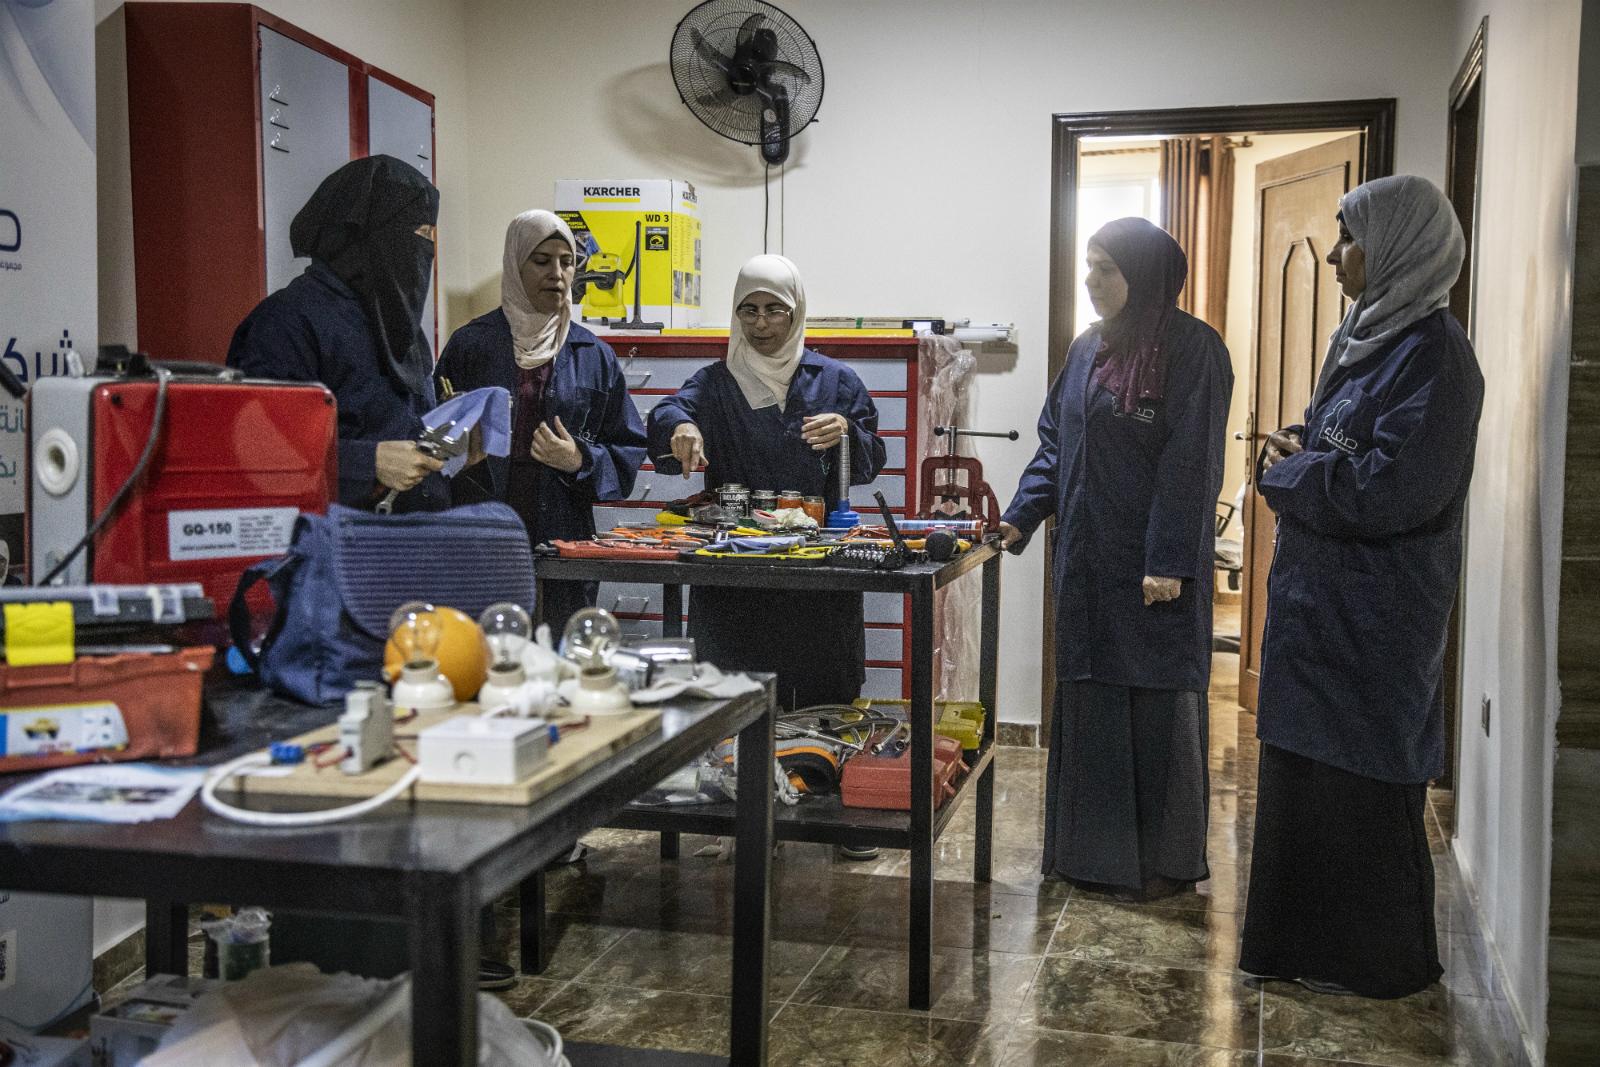 Aprendió plomería por casualidad y ahora enseña a mujeres refugiadas sirias